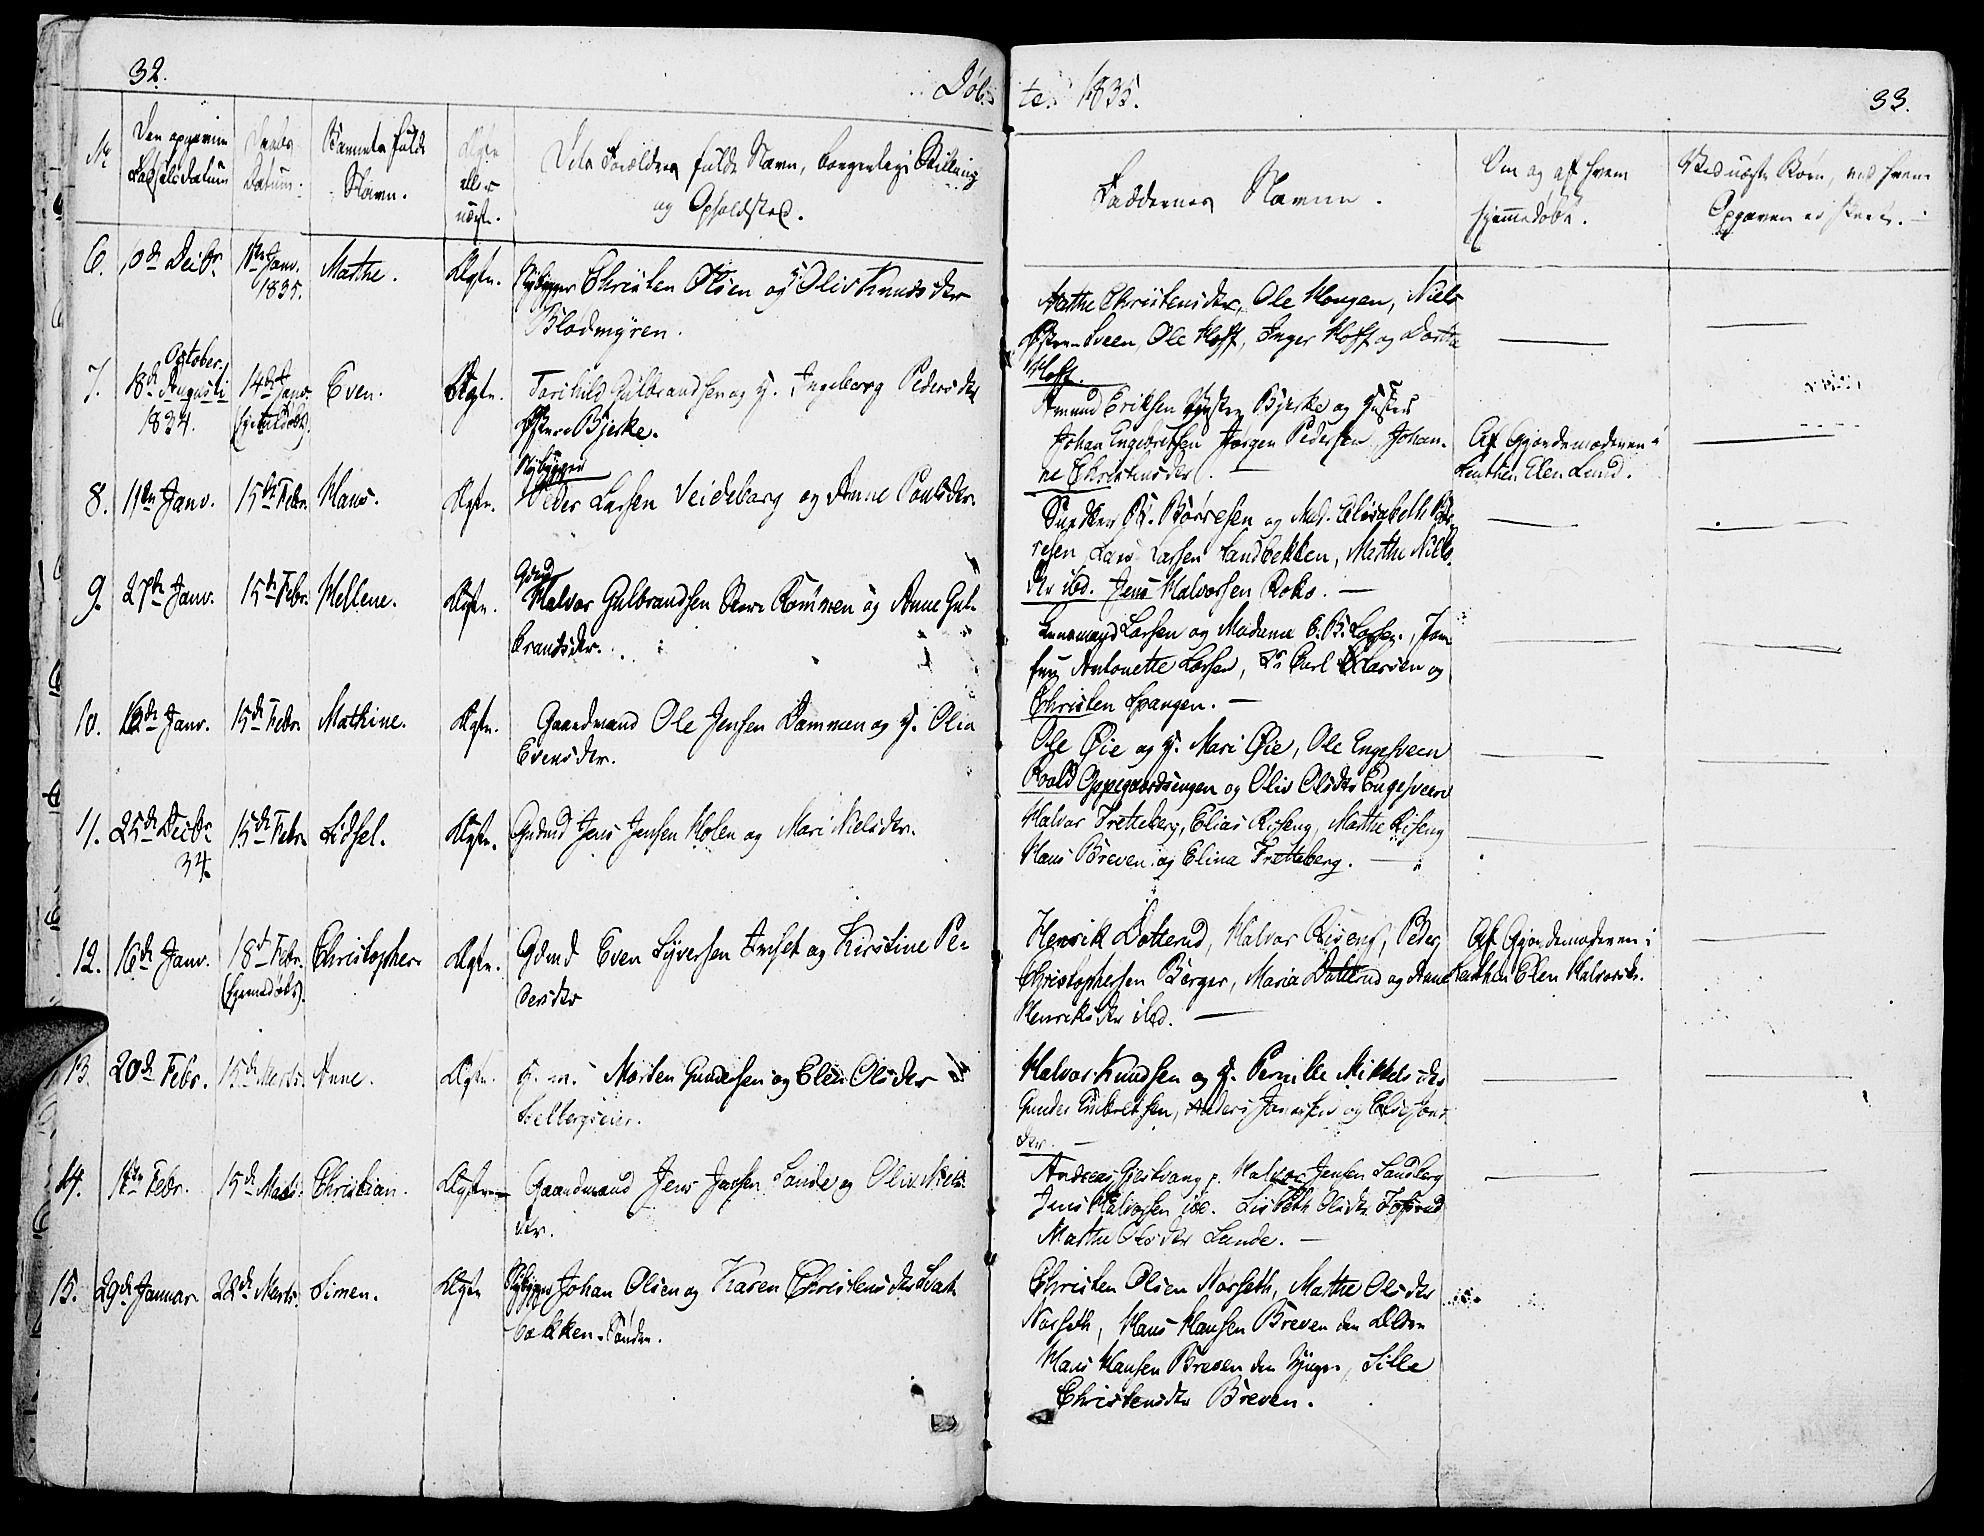 SAH, Løten prestekontor, K/Ka/L0006: Parish register (official) no. 6, 1832-1849, p. 32-33